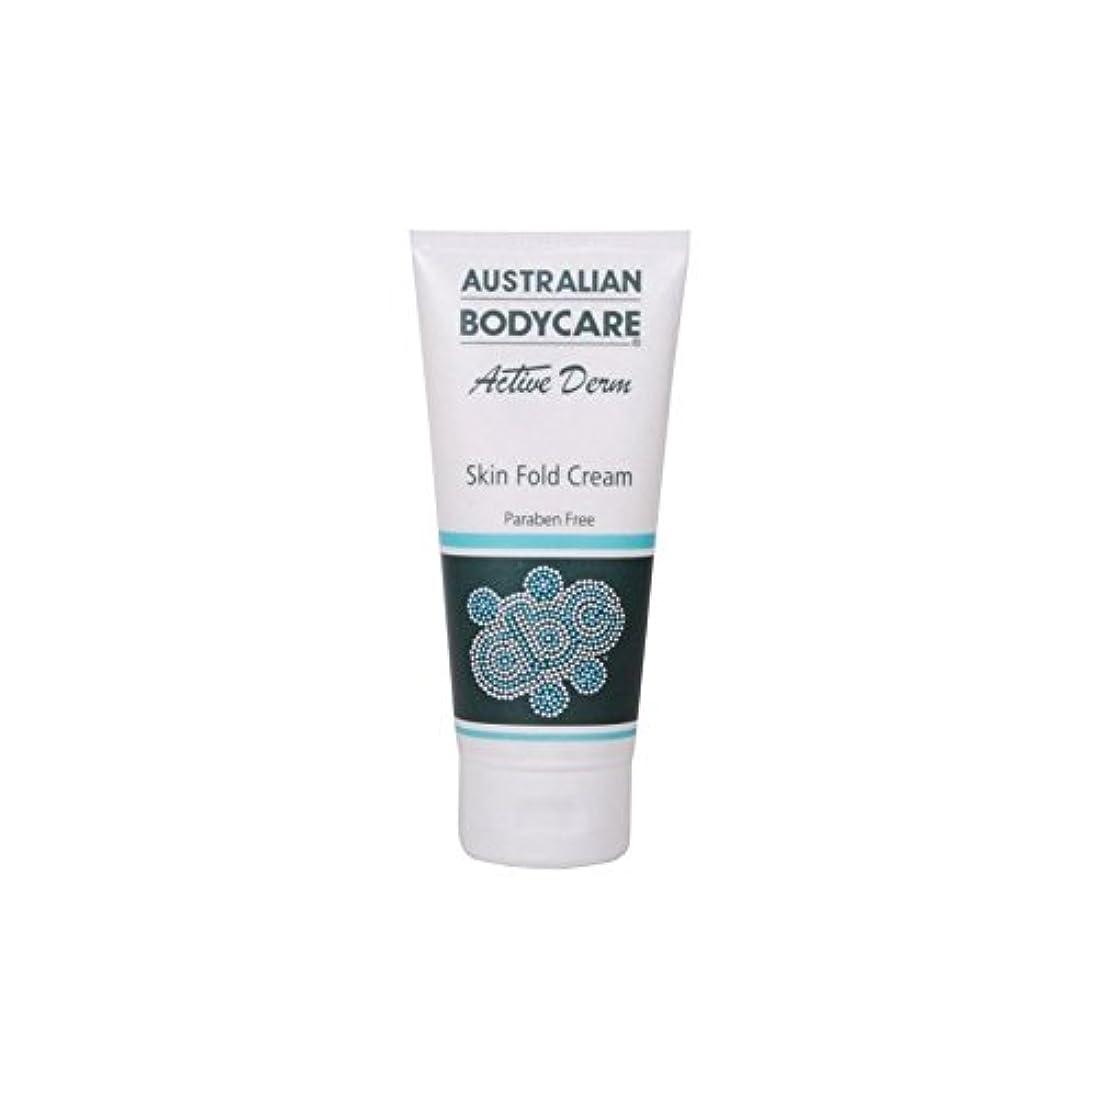 気晴らし著名な参加するオーストラリアのボディケアアクティブダーム皮膚のひだクリーム(100ミリリットル) x2 - Australian Bodycare Active Derm Skin Fold Cream (100ml) (Pack of 2) [並行輸入品]